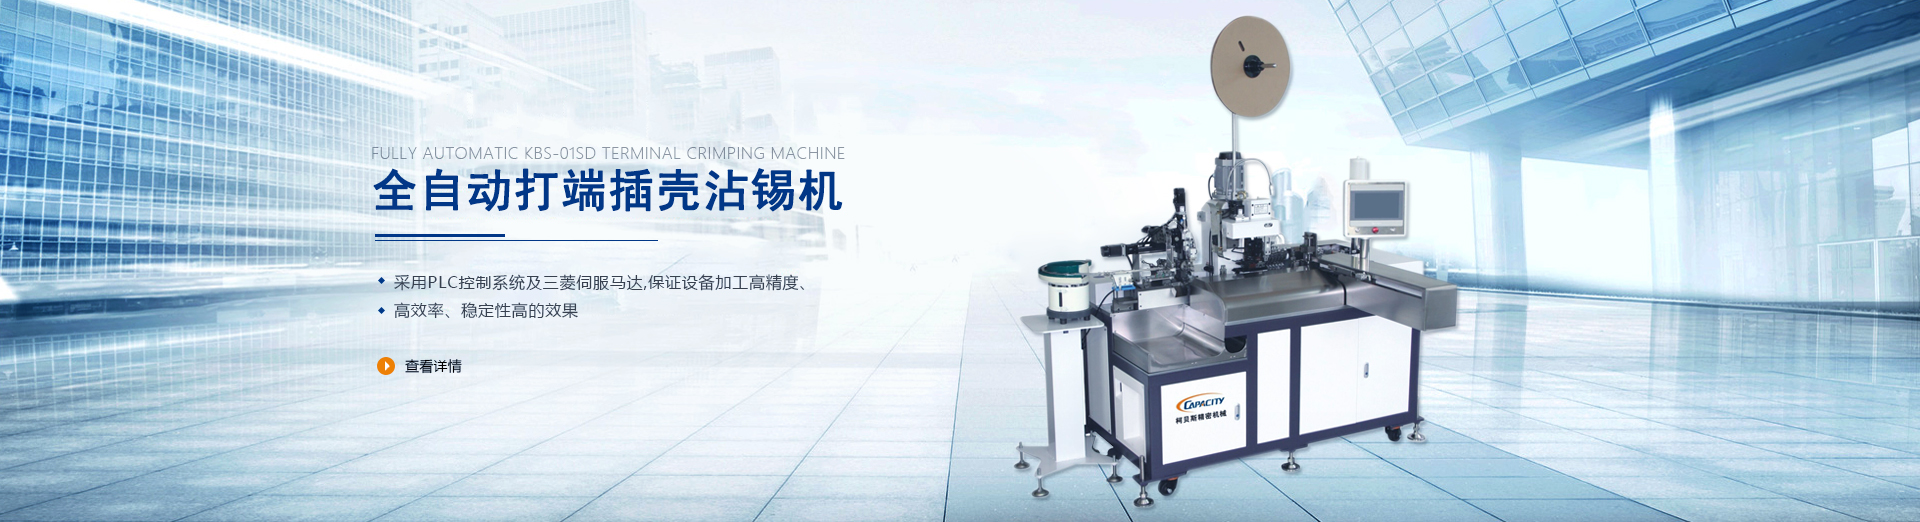 自动裁线机,新能源裁线机,连剥带打端子机